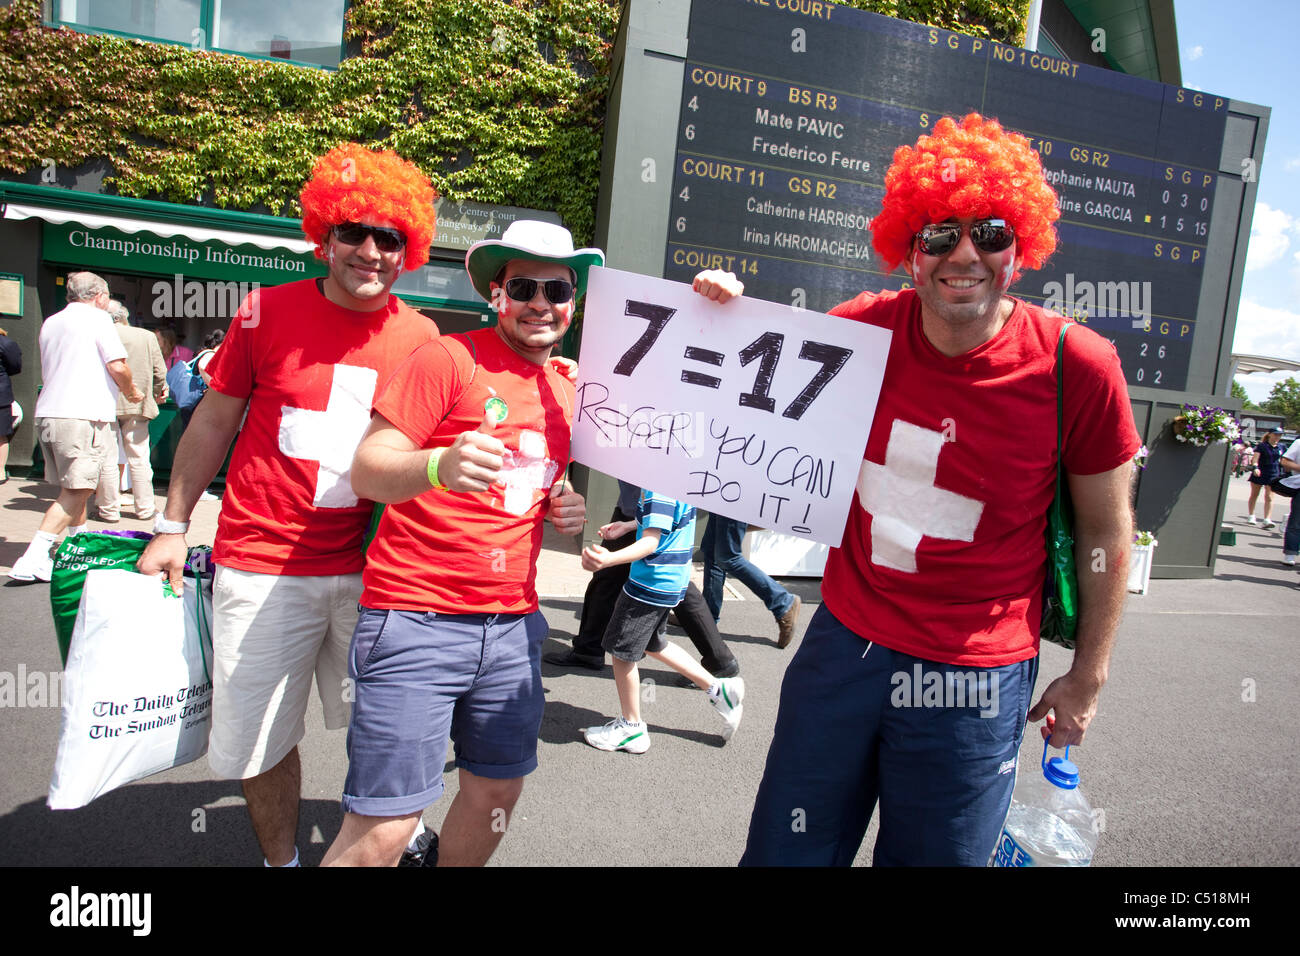 Suizo Roger Federer fans en los Campeonatos de Tenis de Wimbledon, Wimbledon, Londres, Reino Unido.Foto:Jeff Gilbert Foto de stock